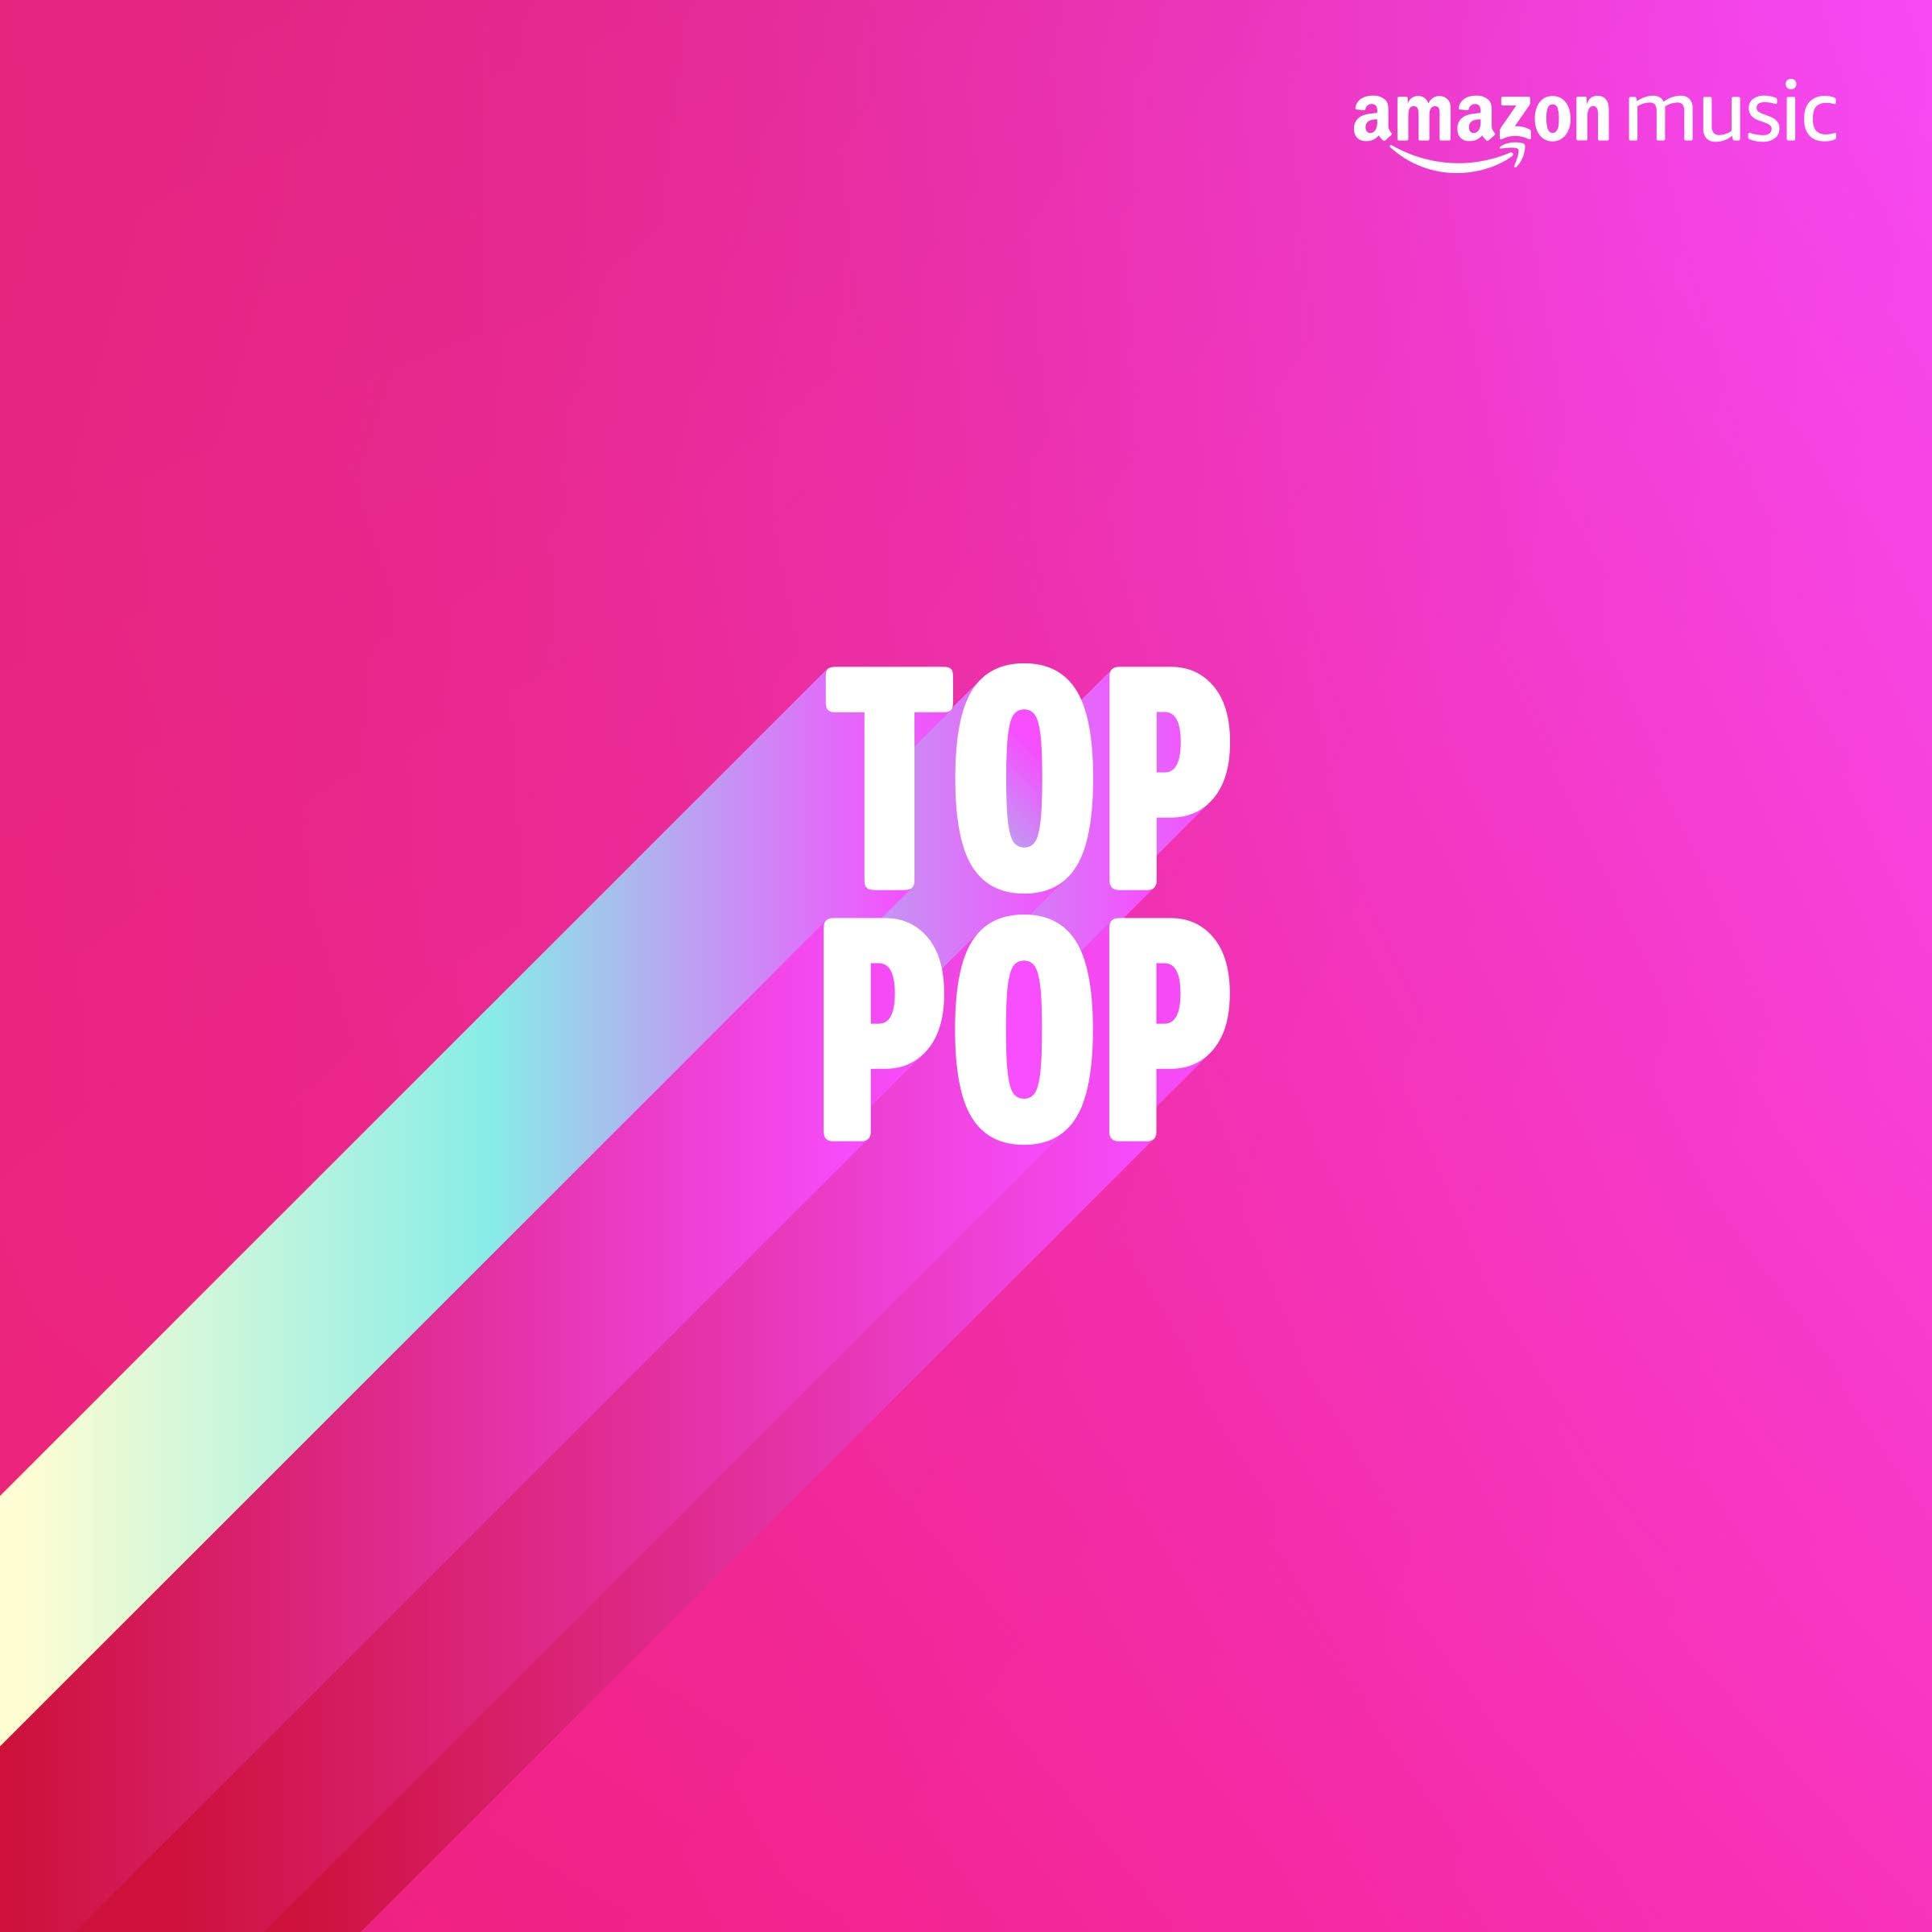 Top Pop